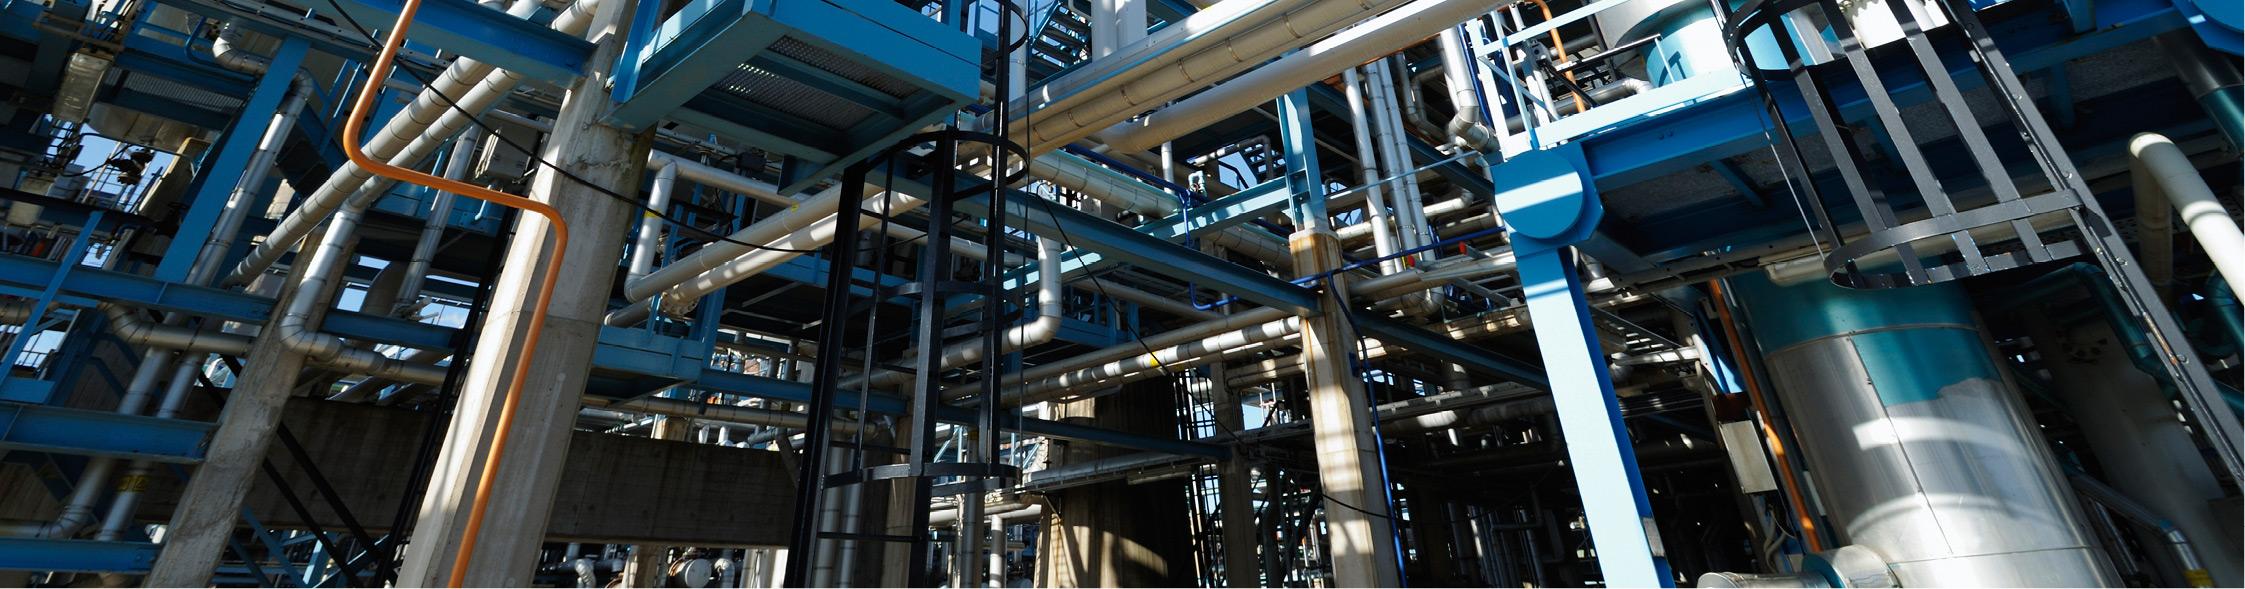 Productos de uso industrial - Productos AJF